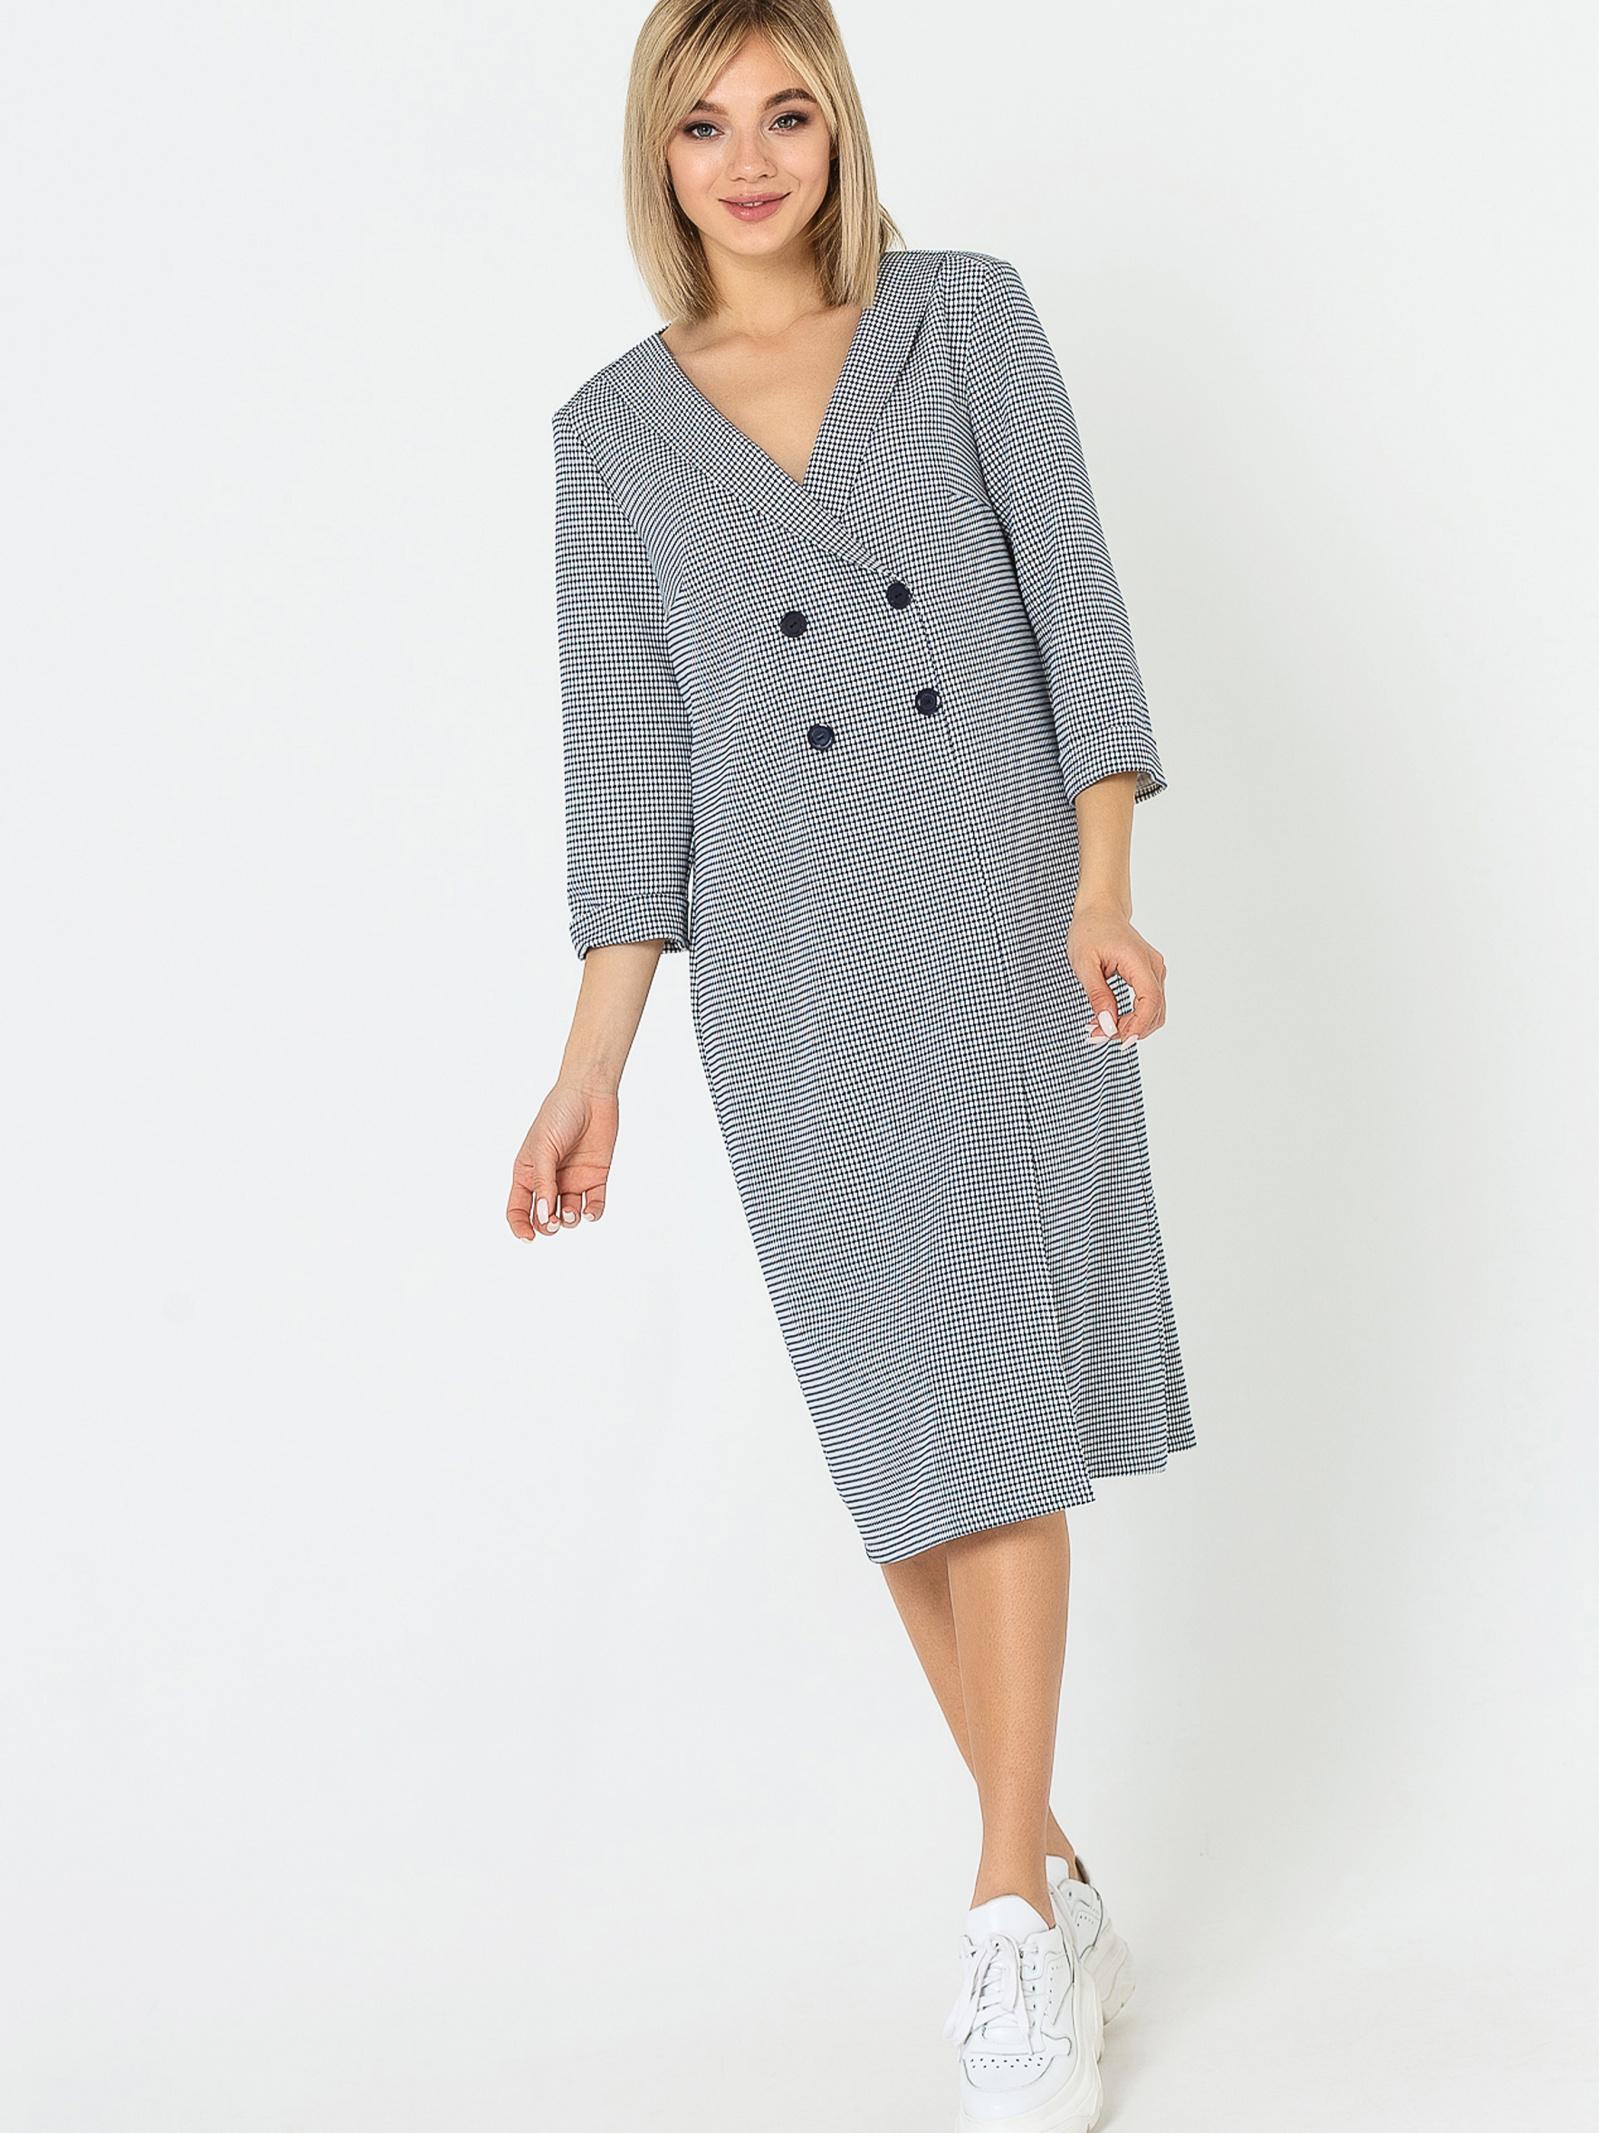 VOVK Сукня жіночі модель 05574 графітовий , 2017